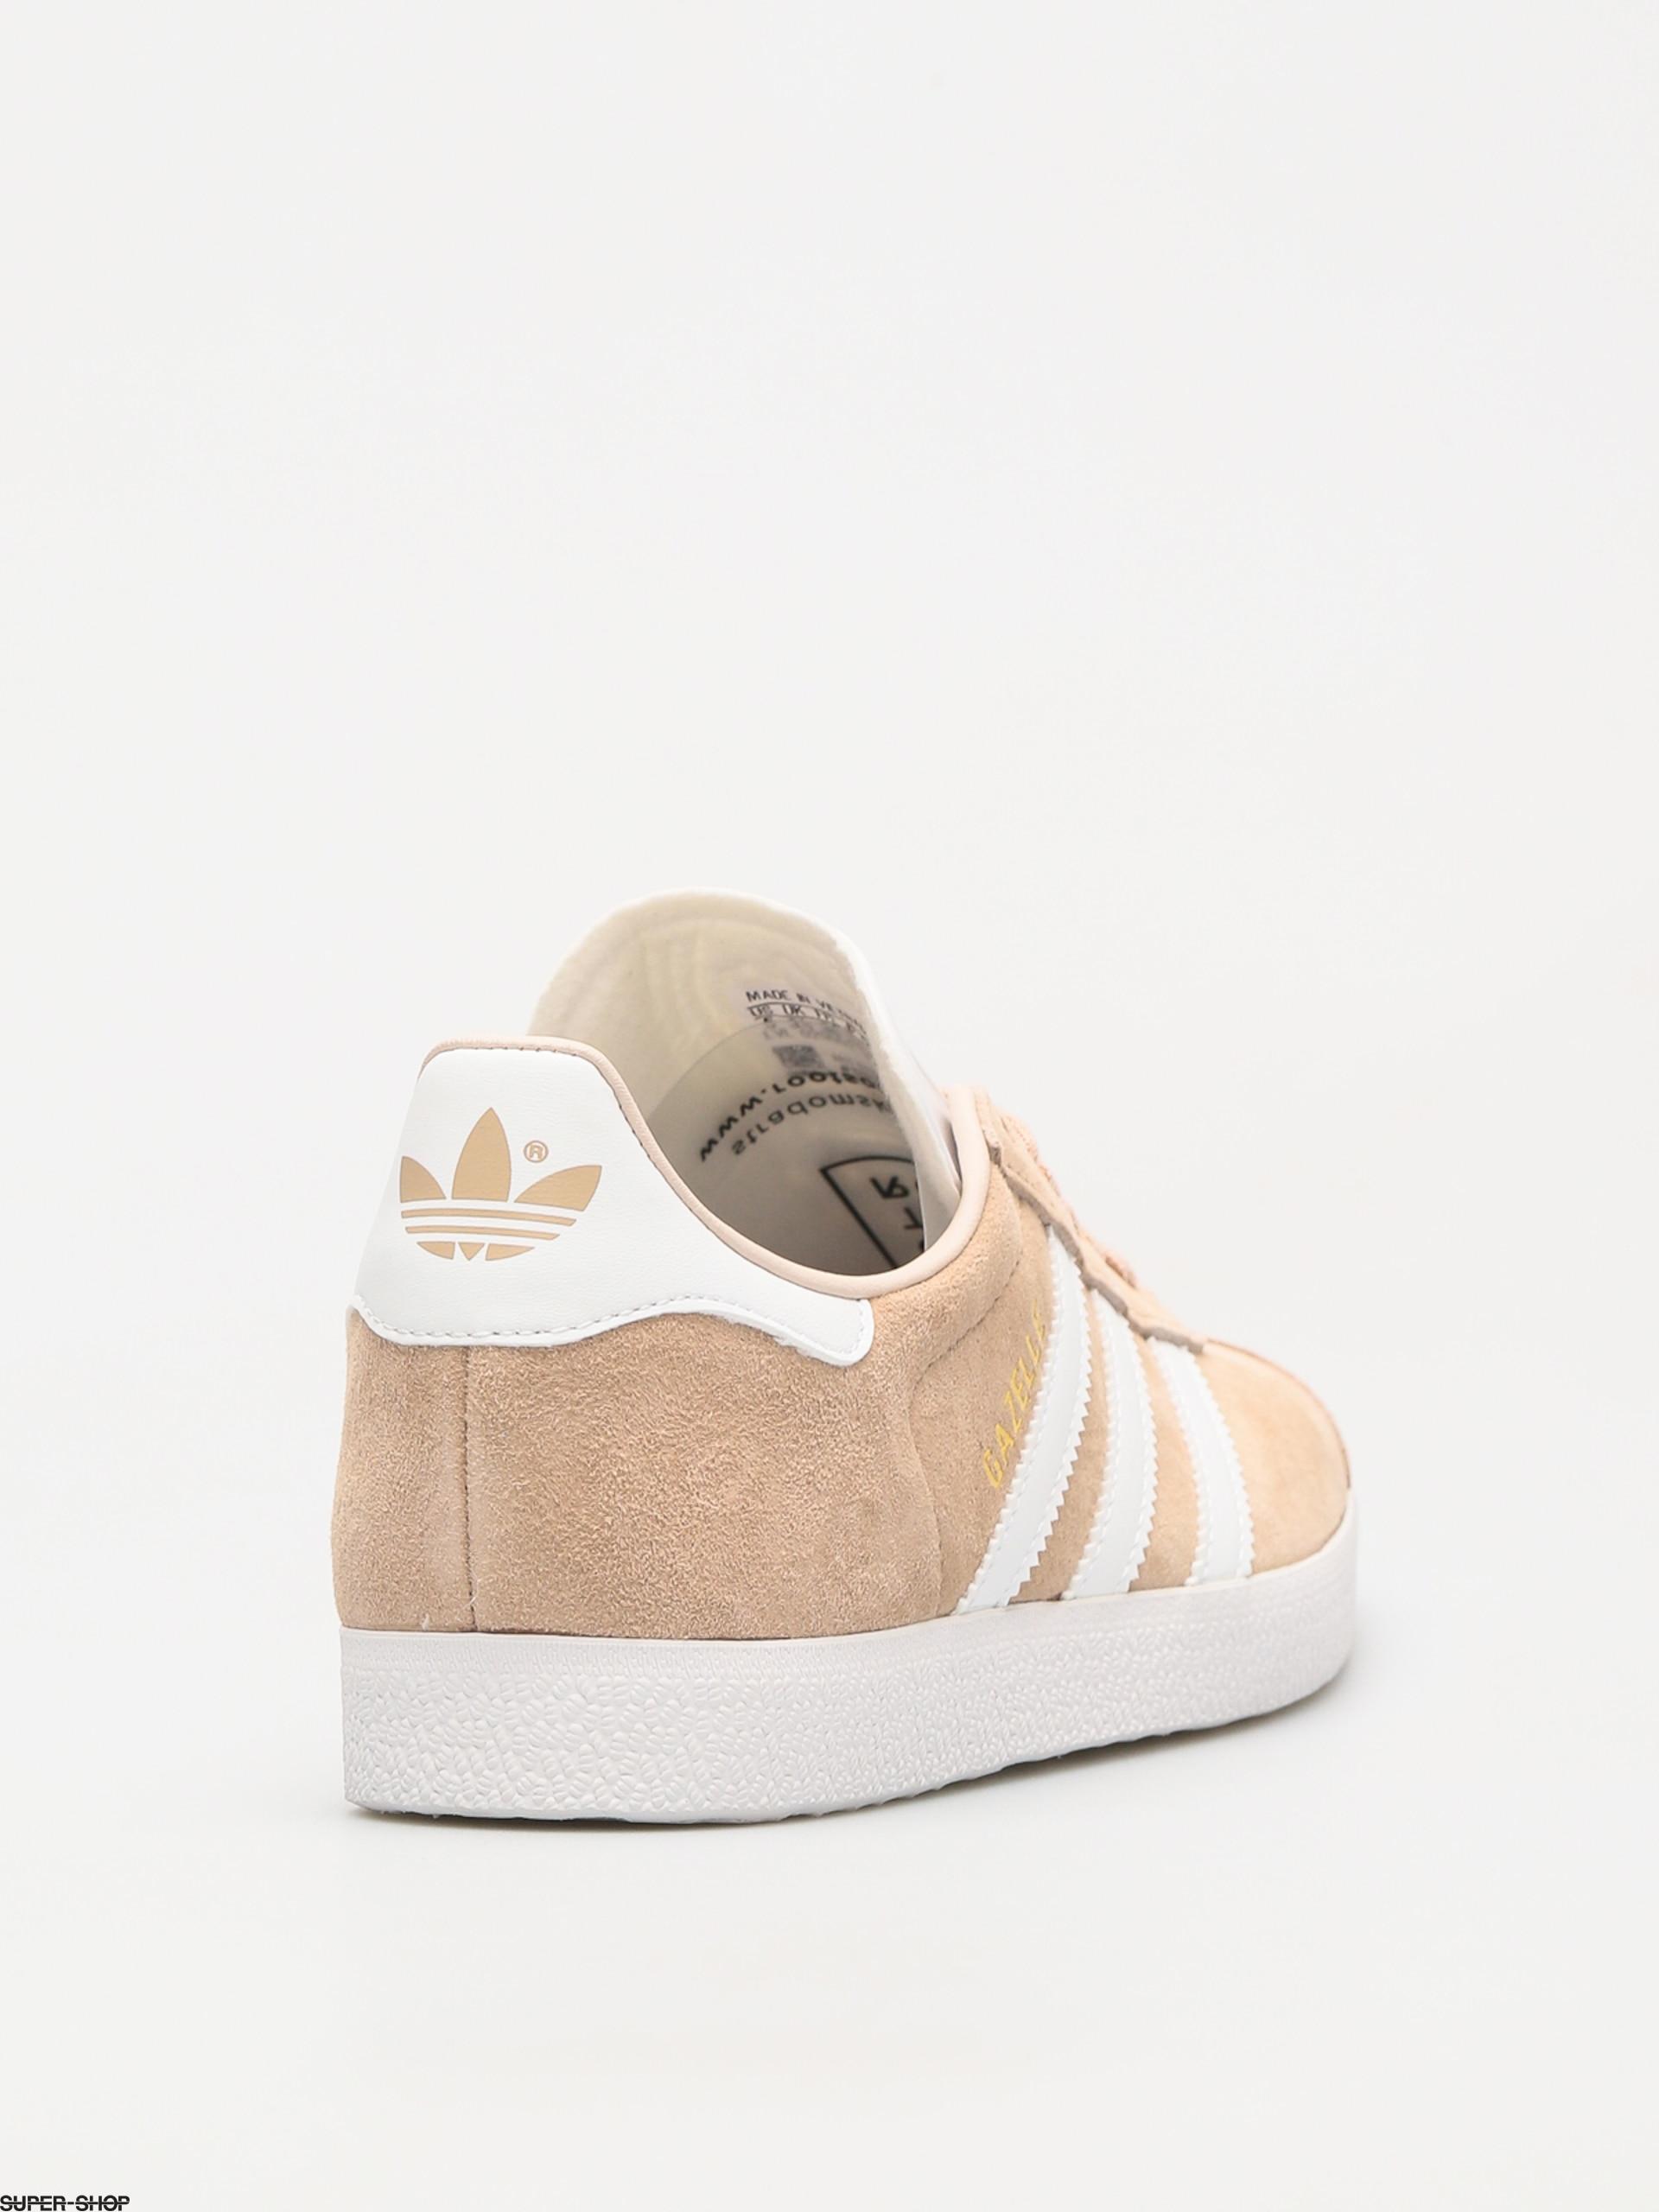 adidas gazelle ashpnk ftwwht linen